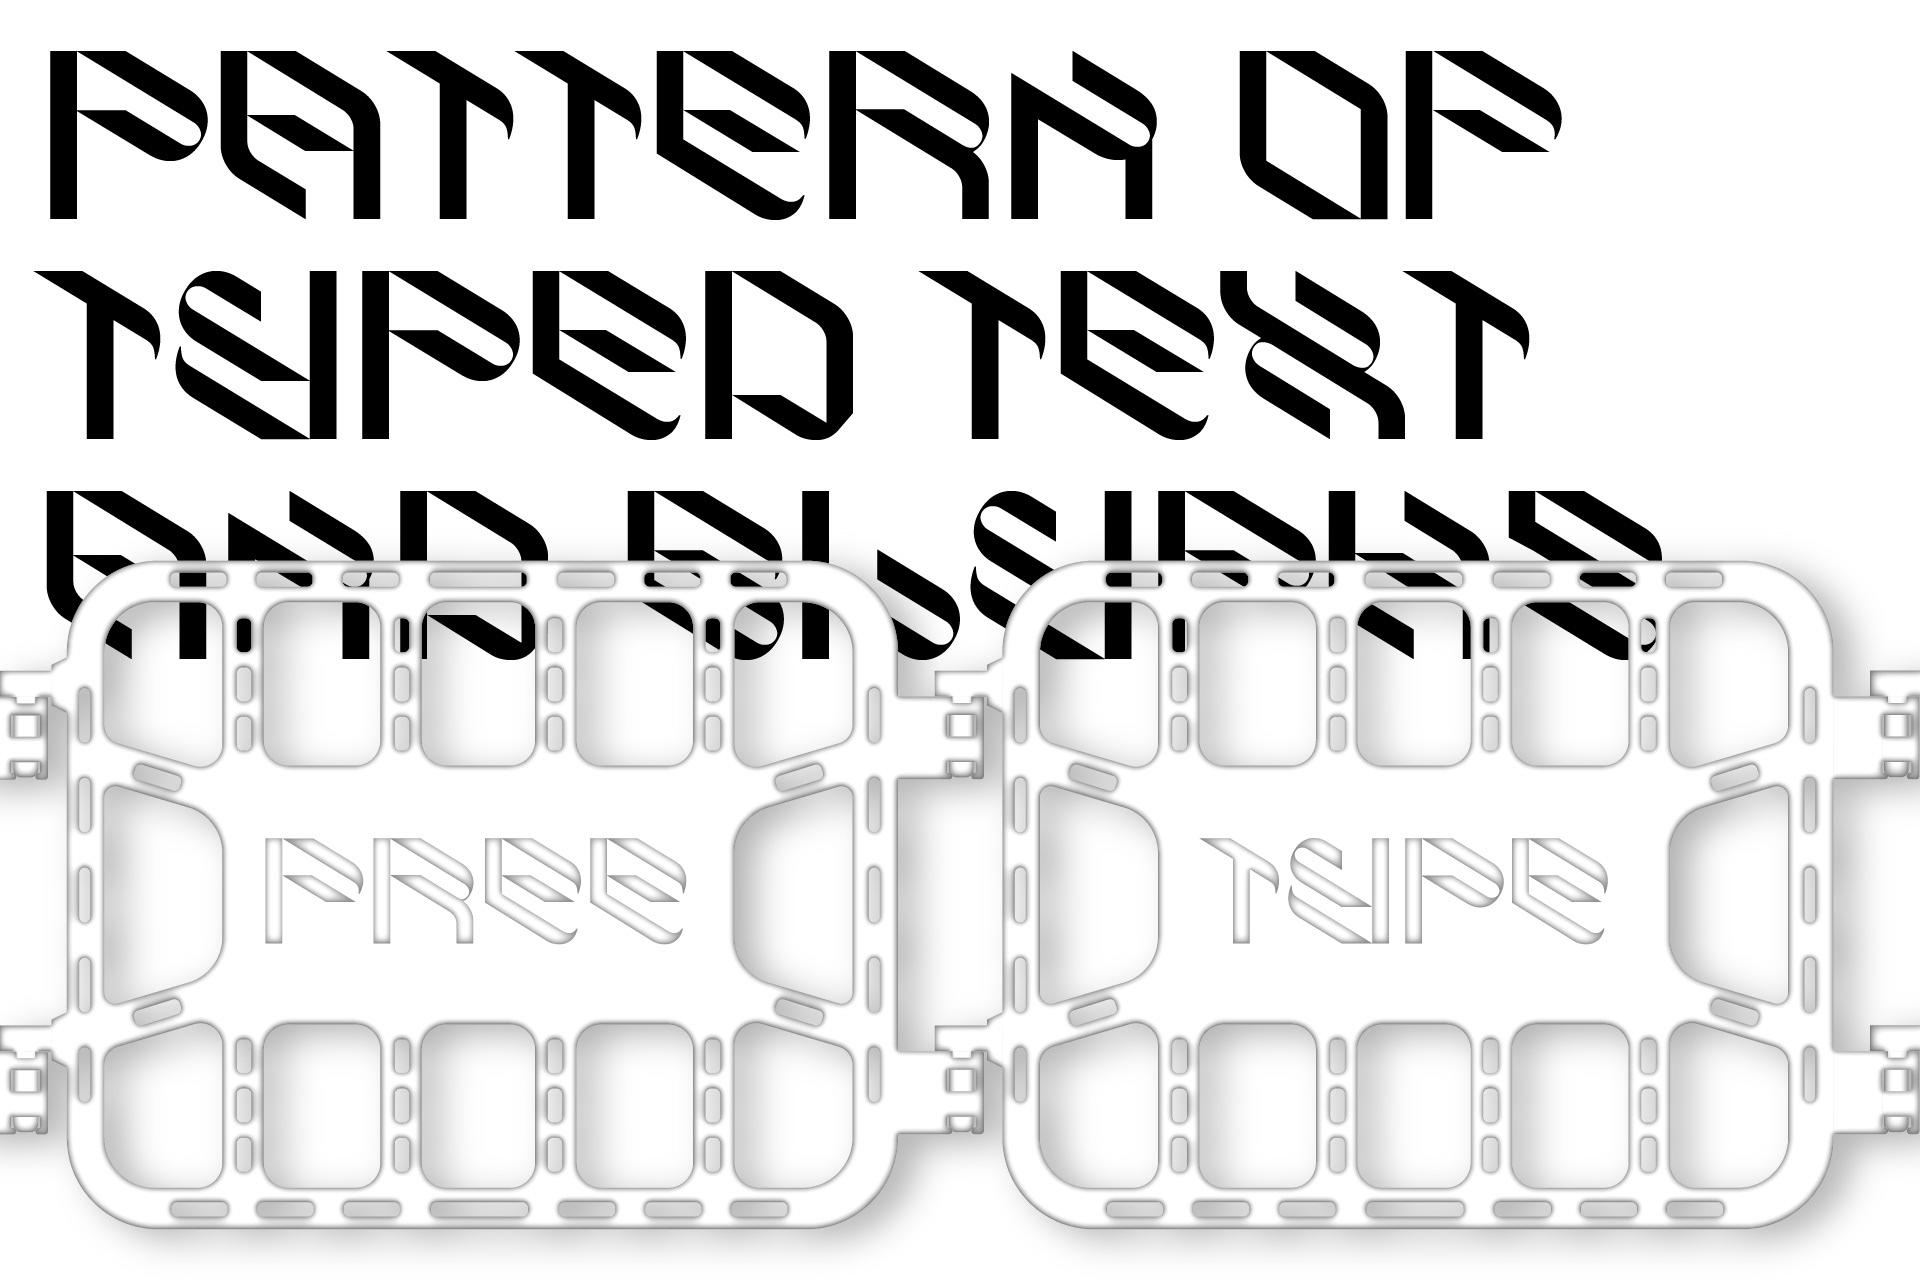 倾斜对角线英文字体下载 Eskos Typeface插图(8)